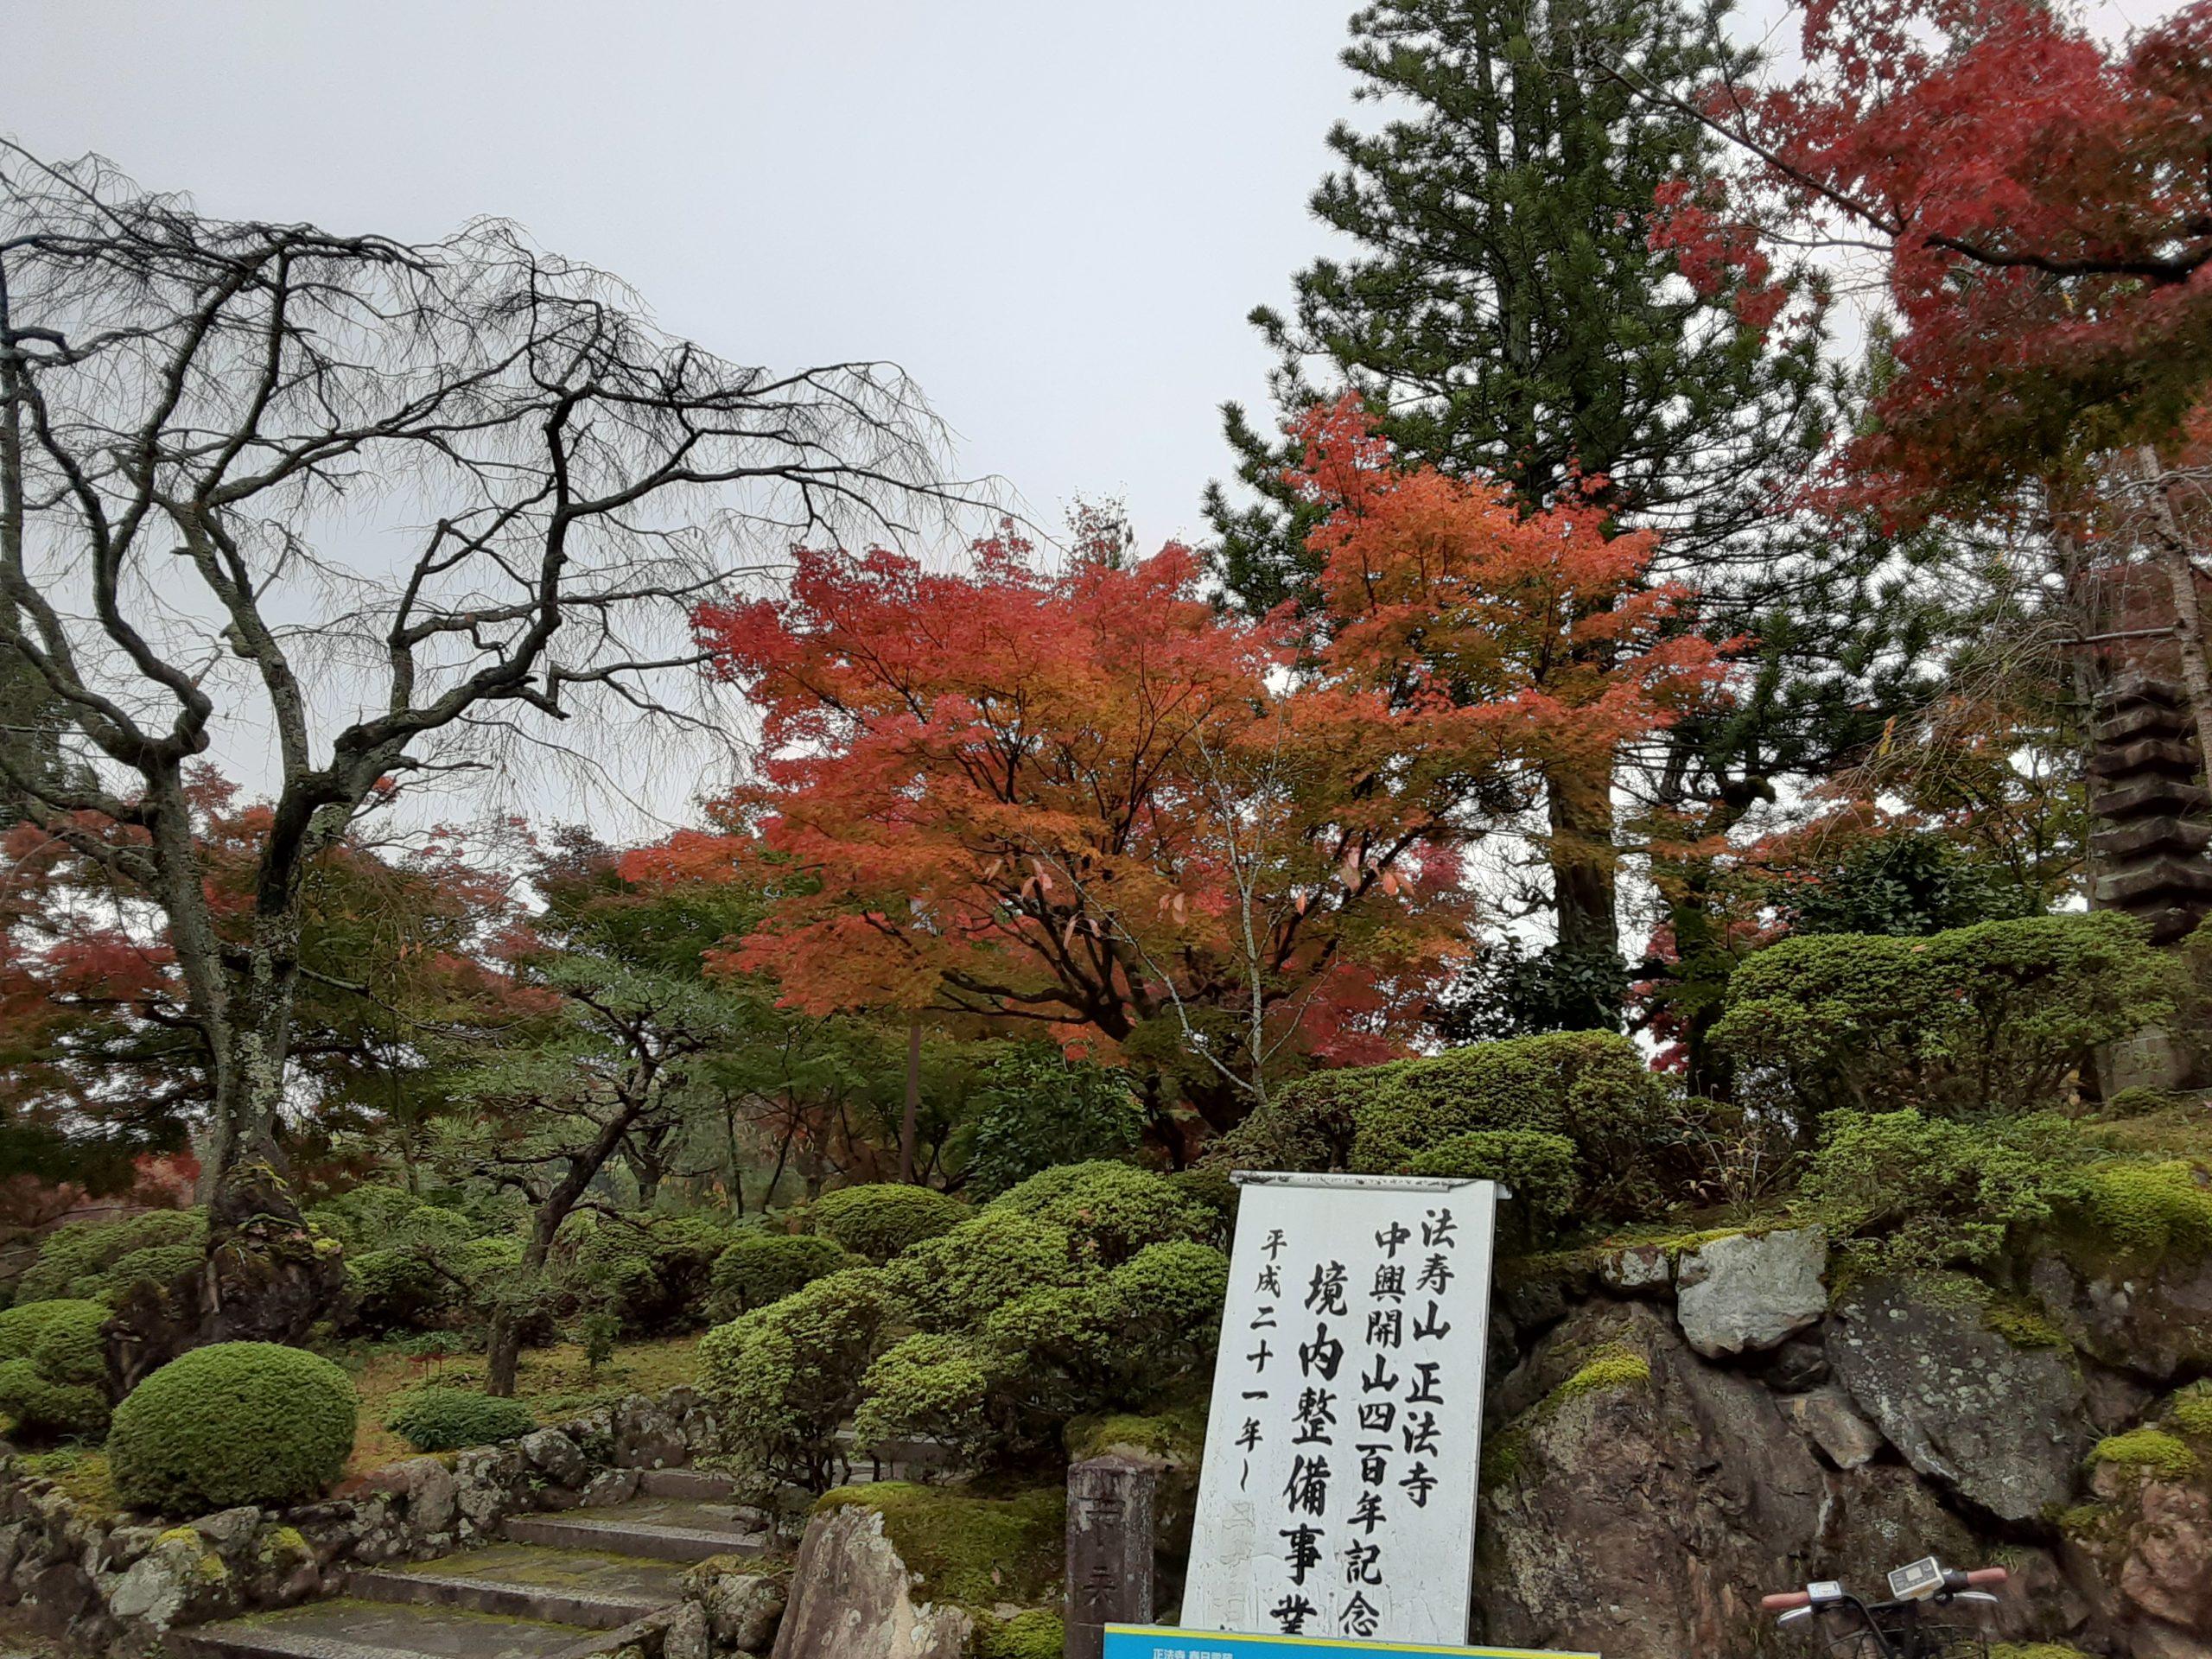 月初めの『写経』は正法寺の紅葉🍁に囲まれて気持ちの良い時間でした🍀❇️🍀